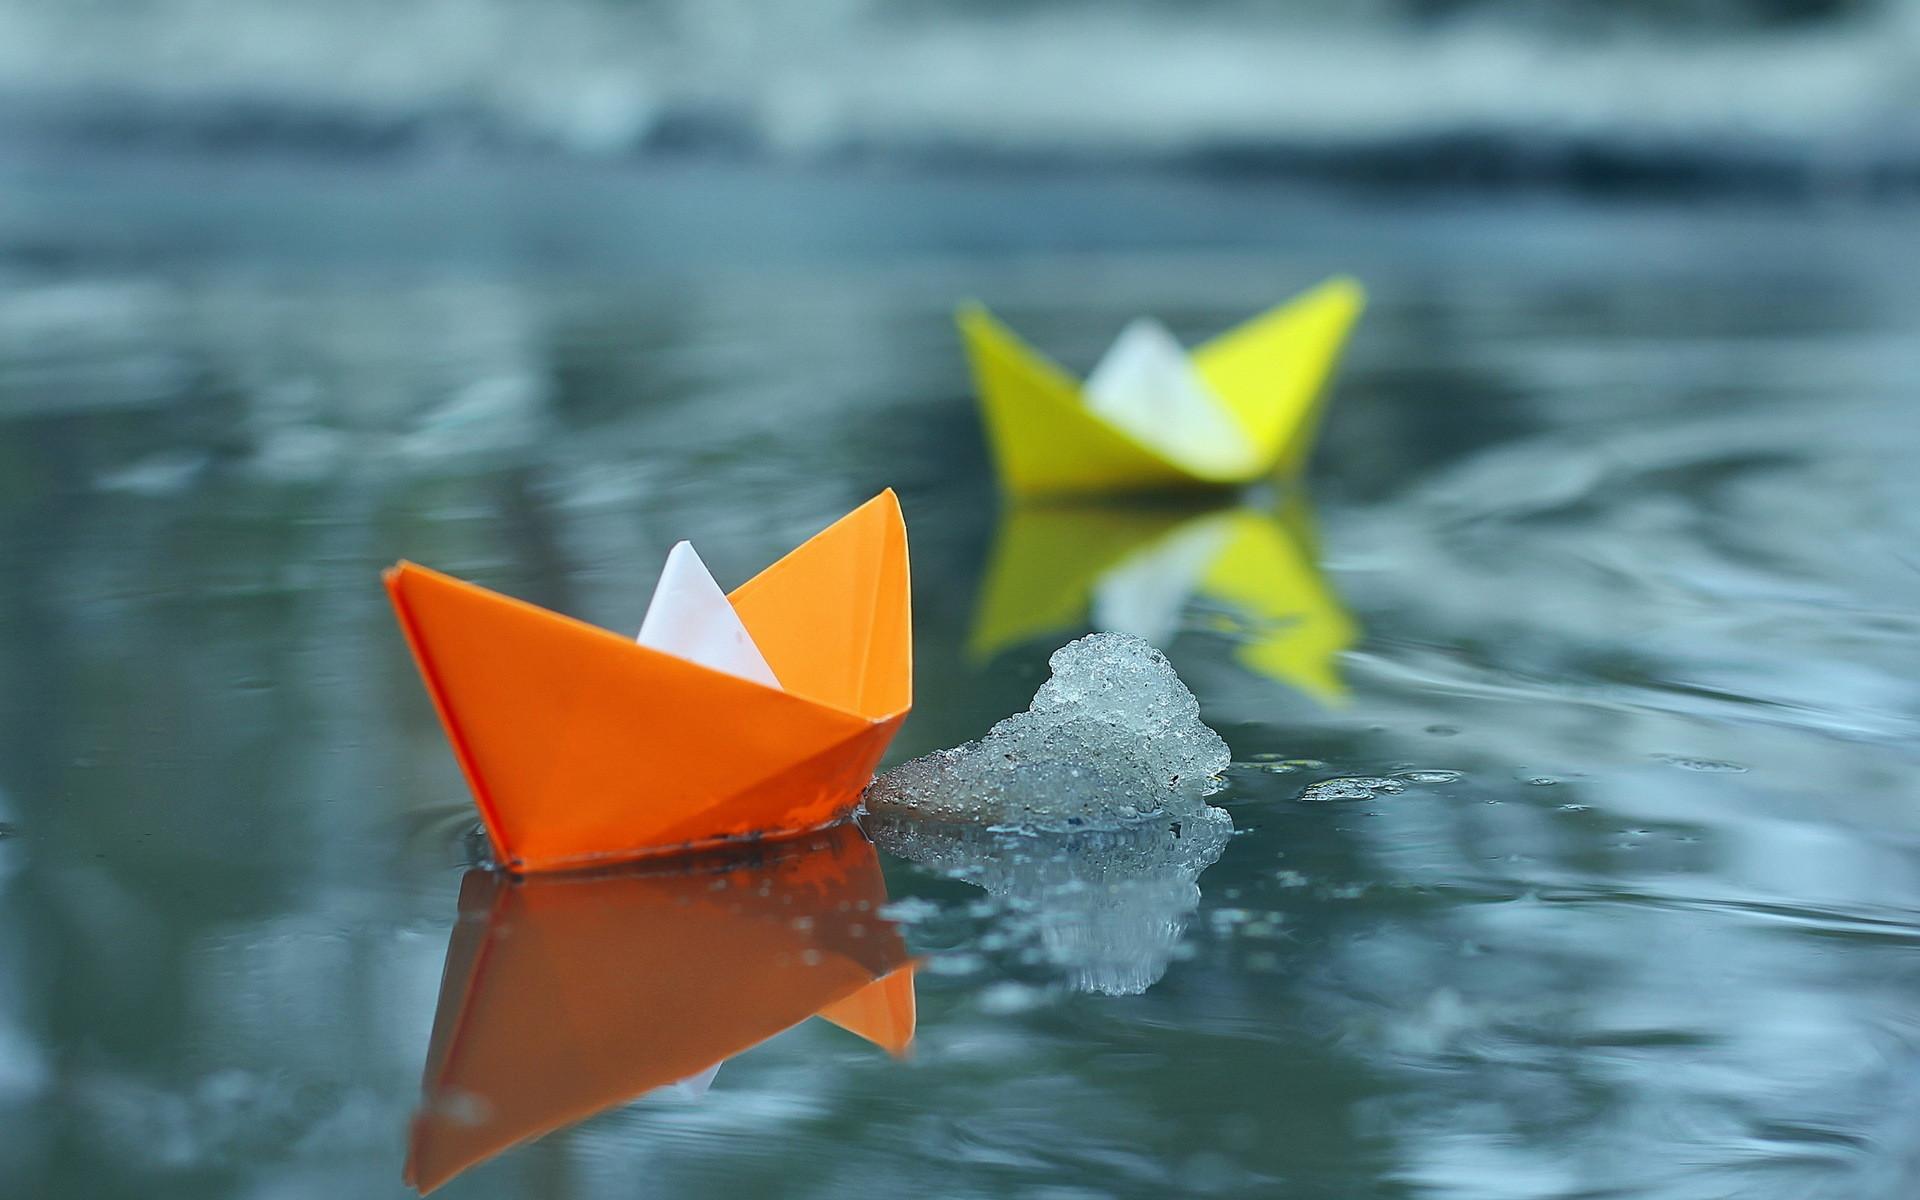 лодка брызги лужа без смс